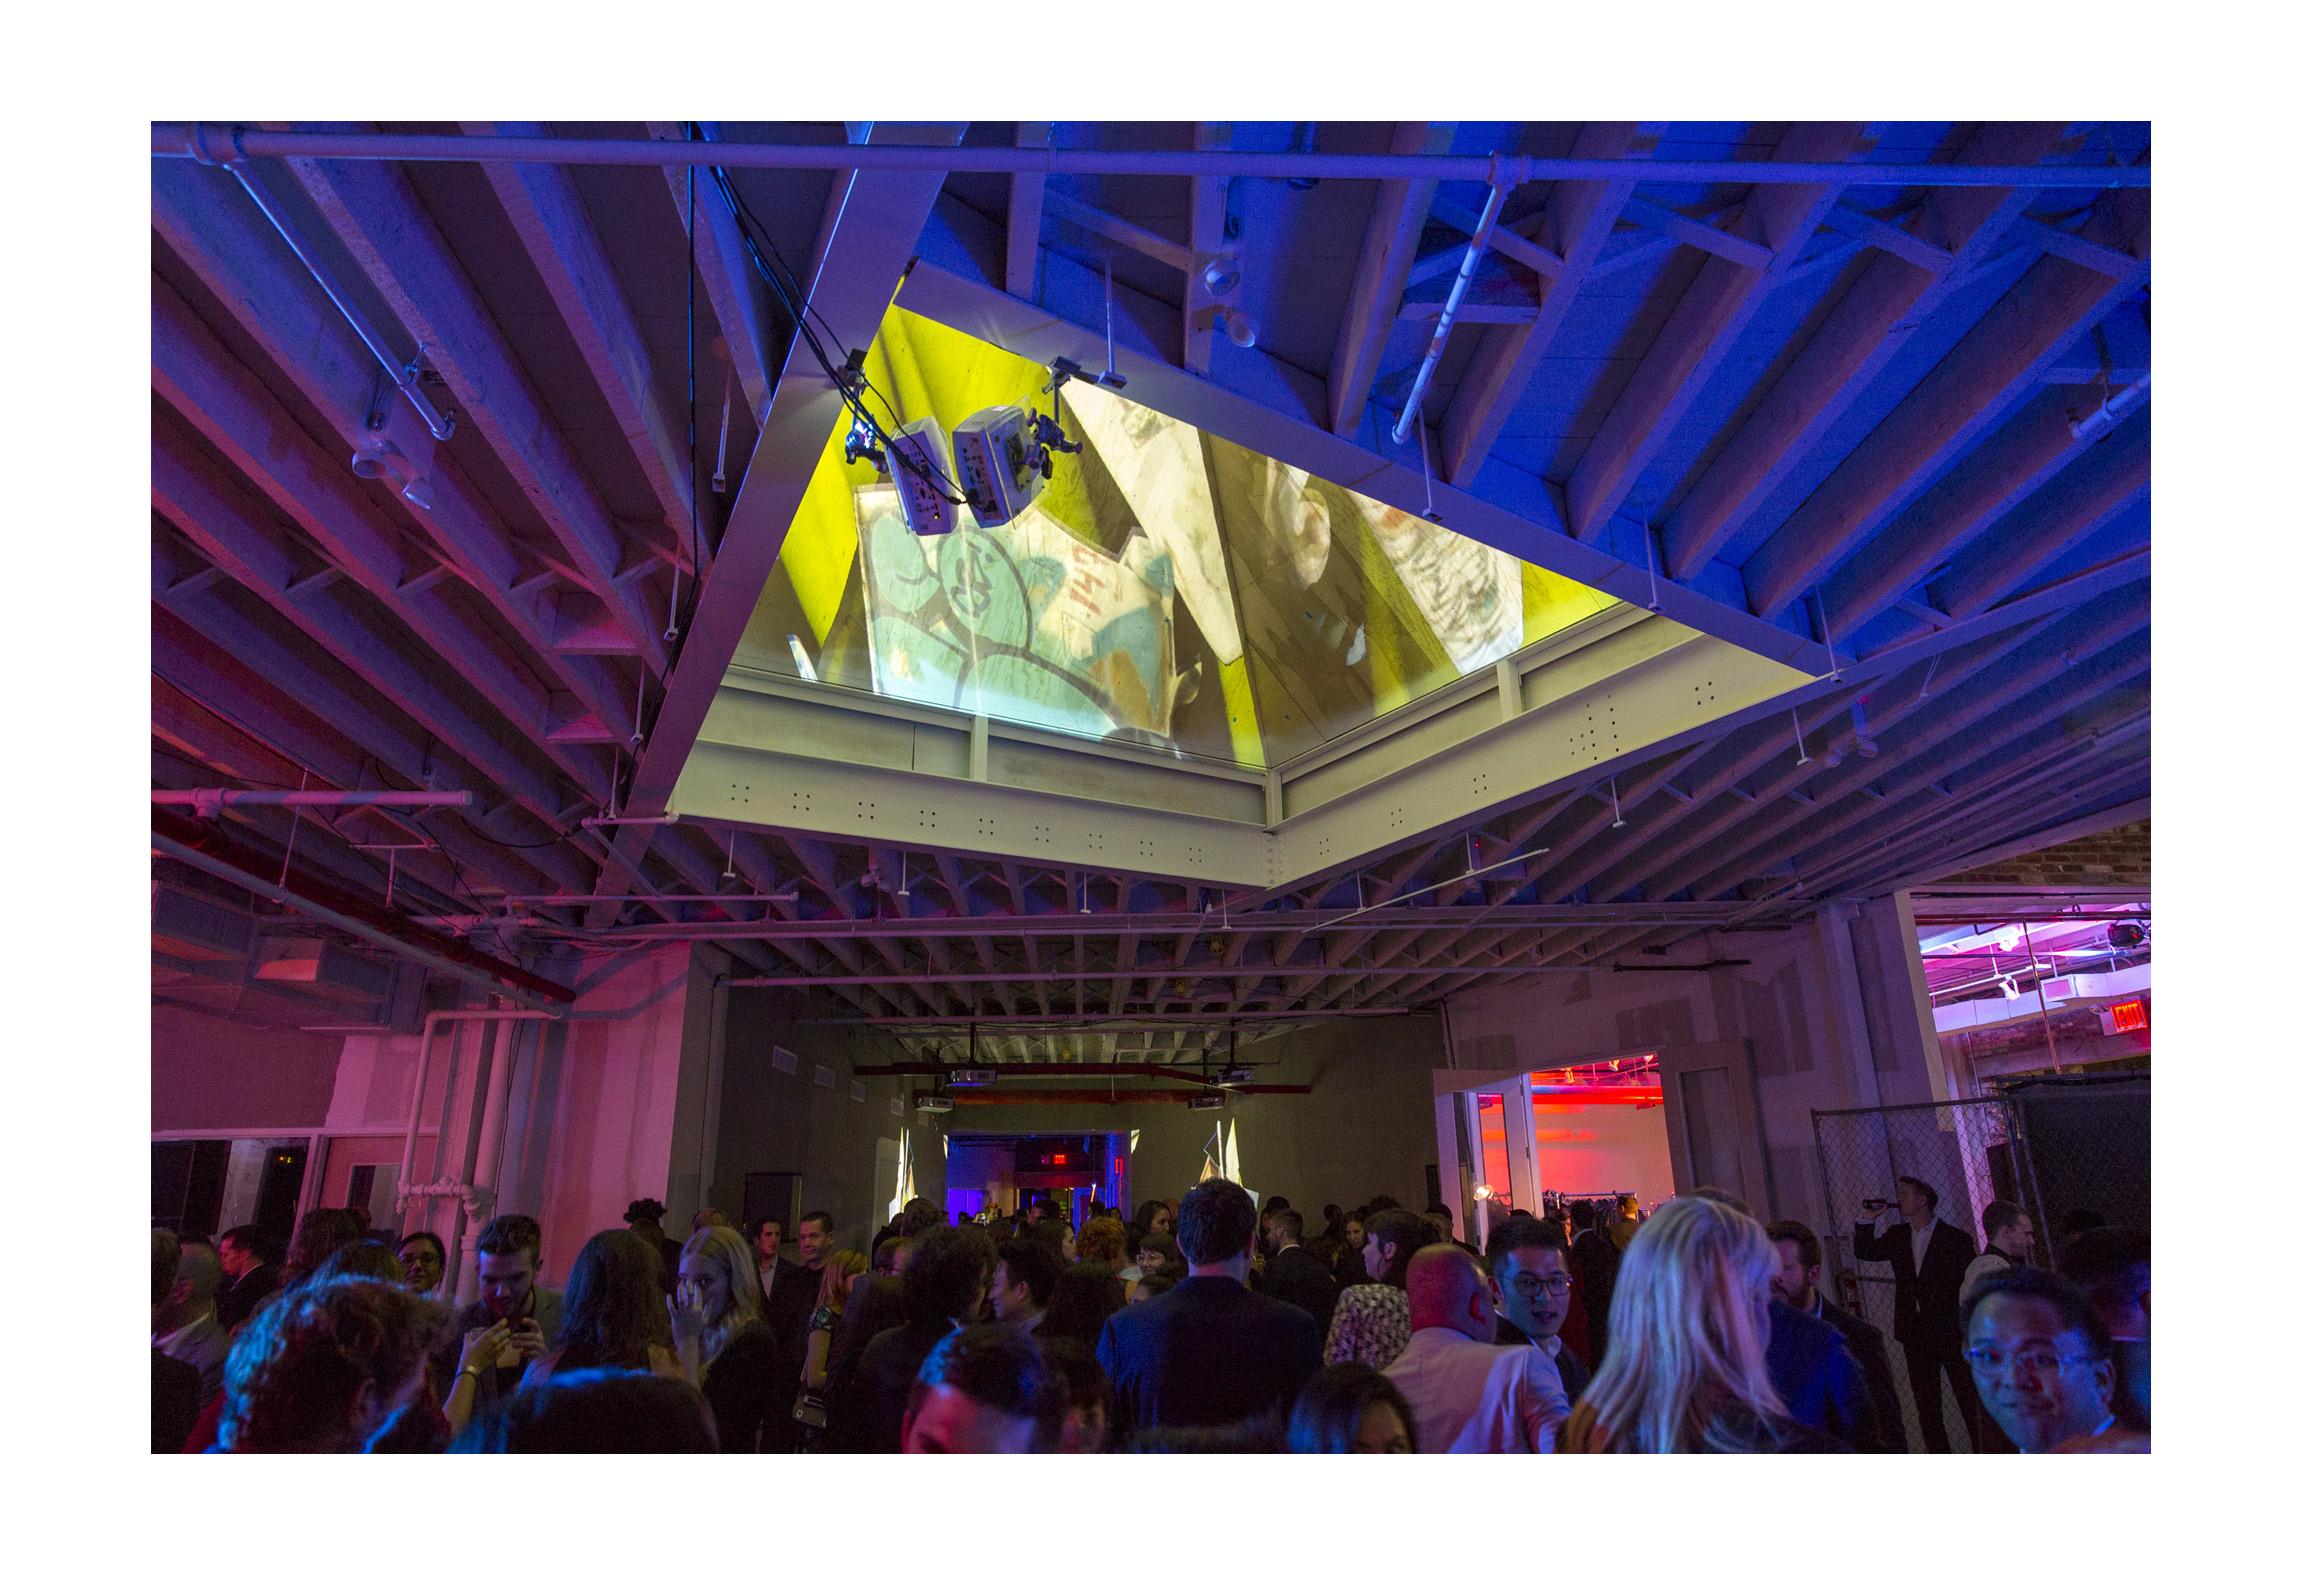 027 1609 EUA NY Archleague NY Beaux Arts Ball 1541.jpg